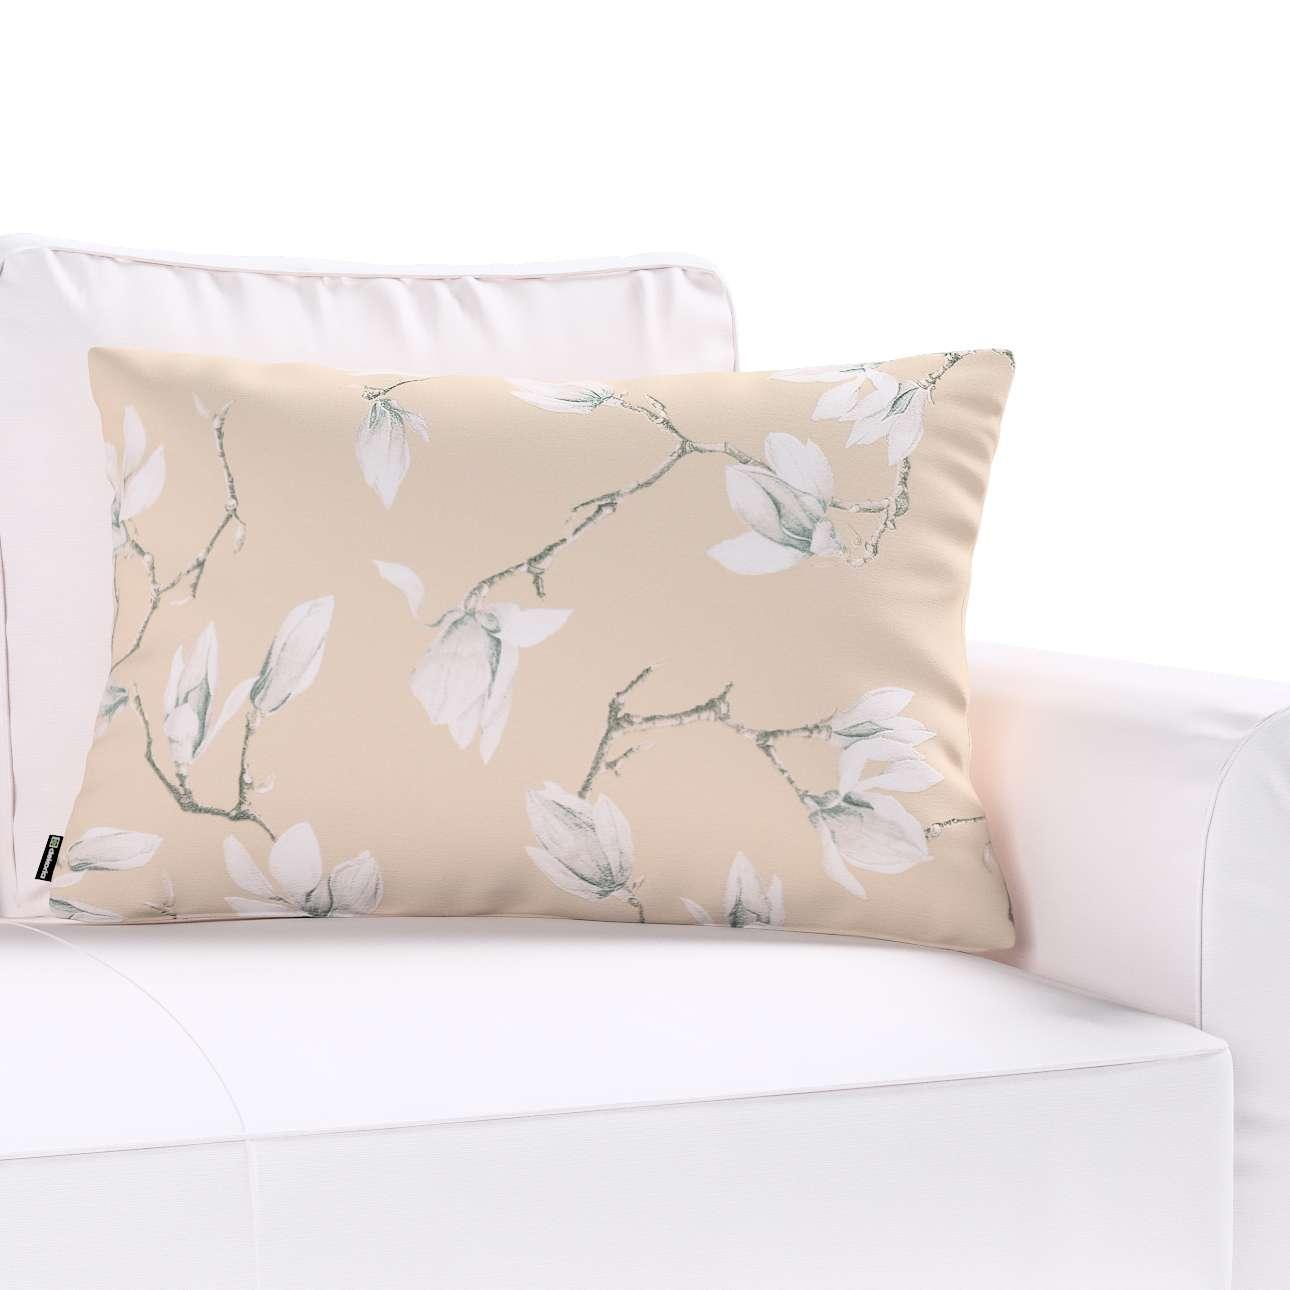 Kinga dekoratyvinės pagalvėlės užvalkalas 60x40cm kolekcijoje Flowers, audinys: 311-12